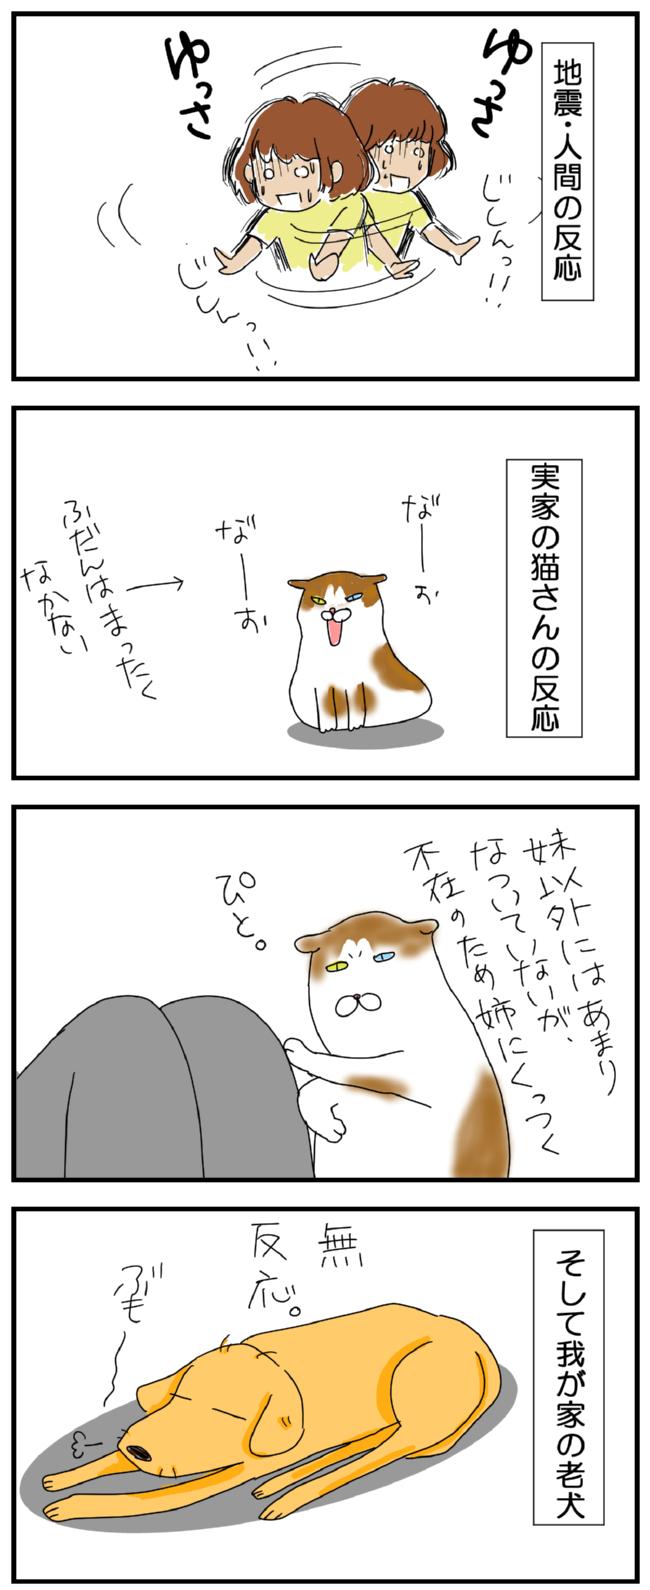 老犬さんは地震でも